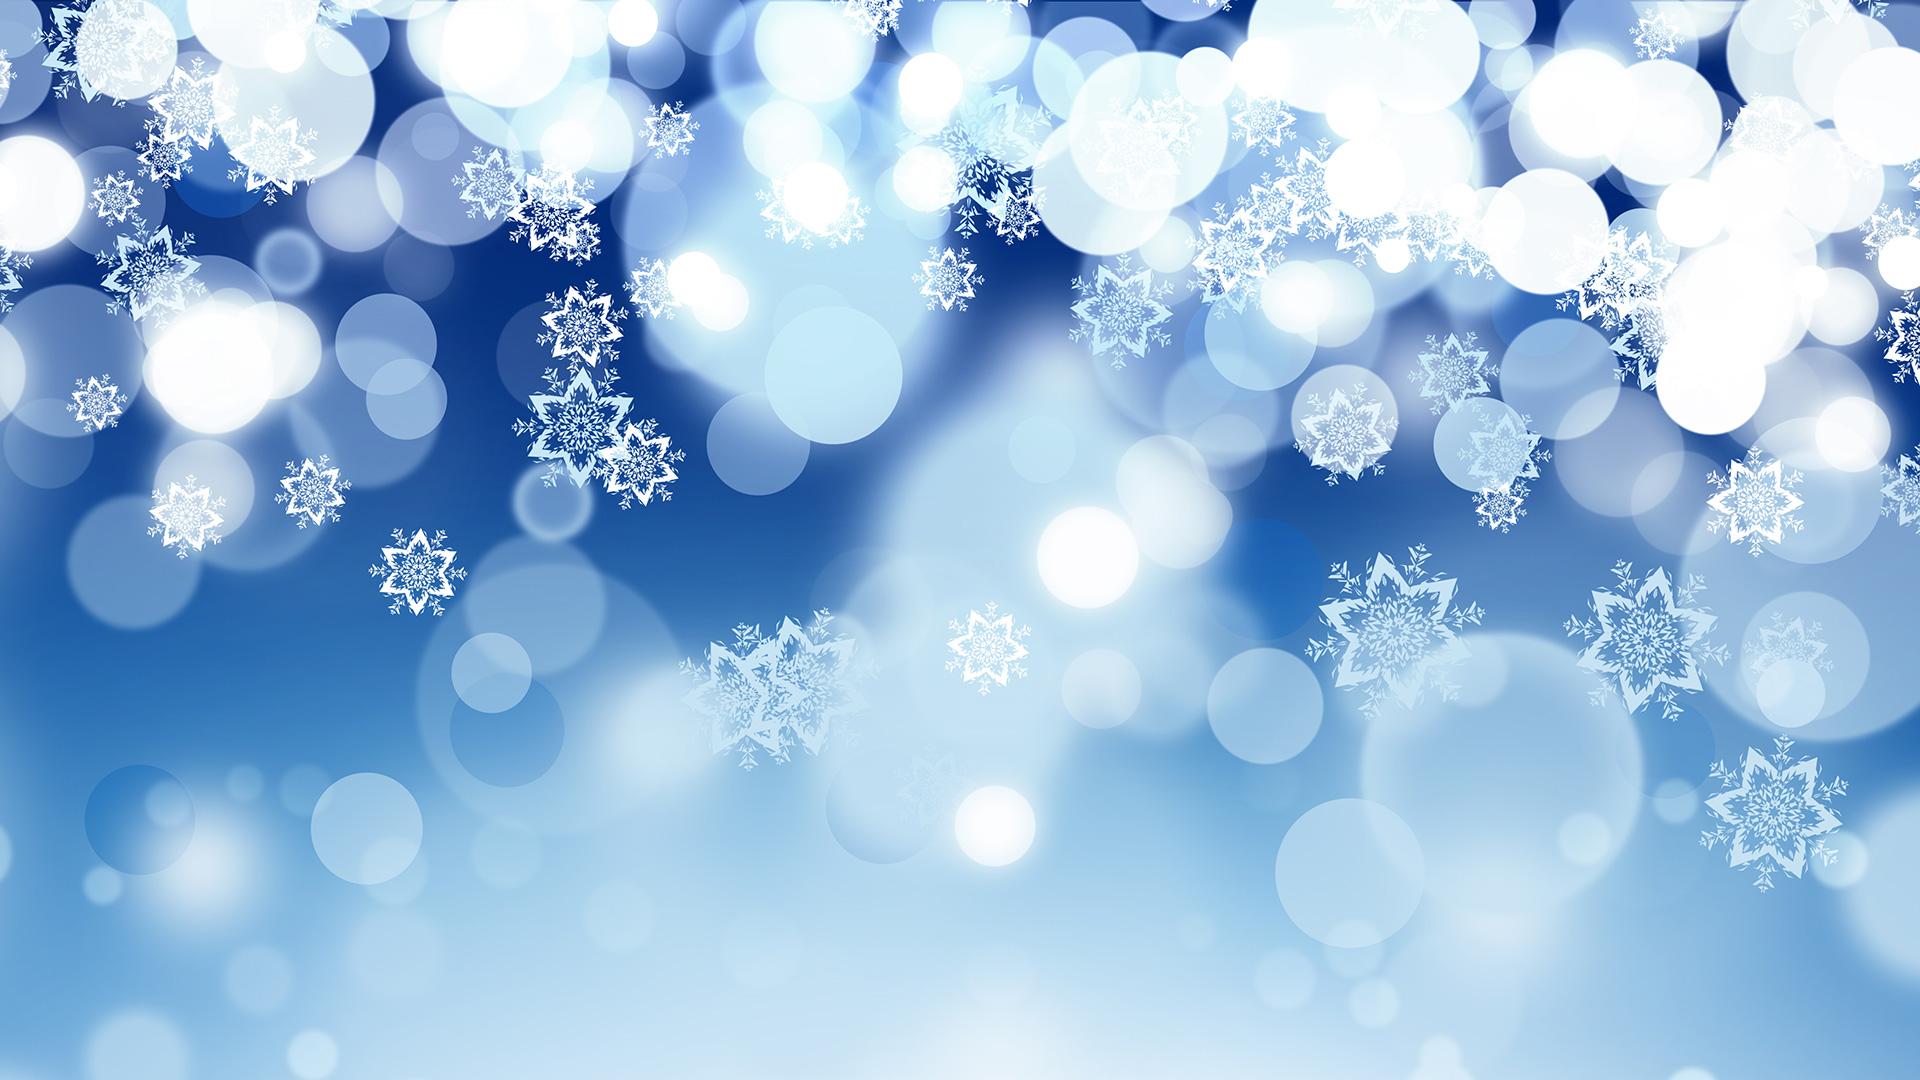 雪のある冬 新年 デスクトップ壁紙をダウンロードする Abali Ru